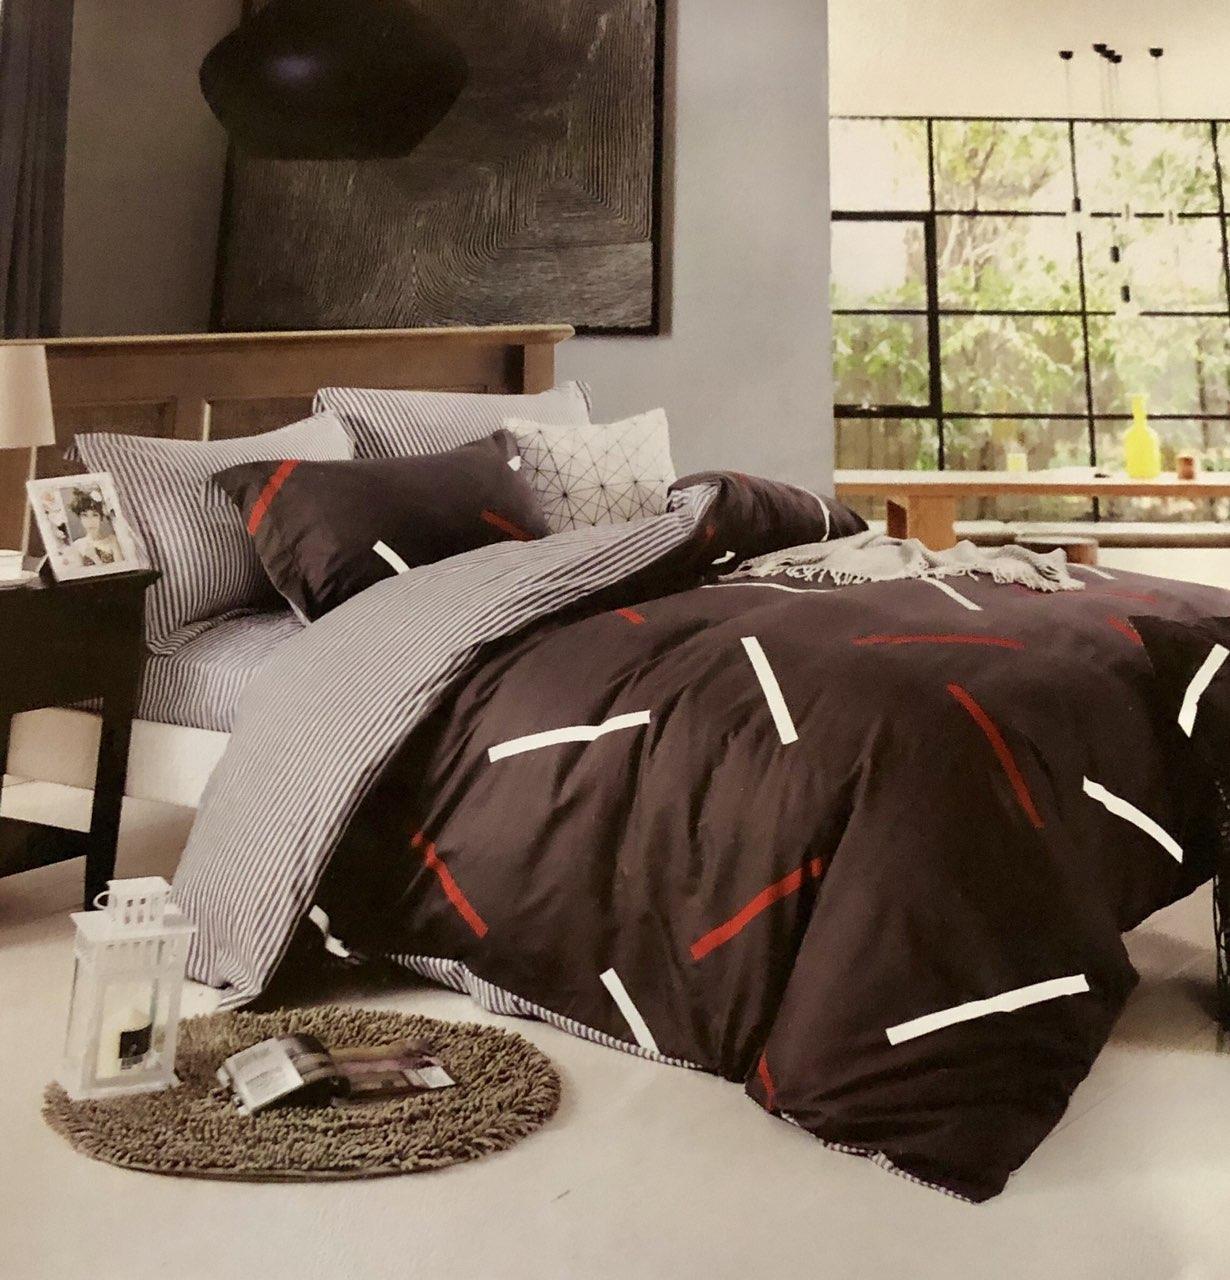 Комплект постельное белье, 100% хлопок, двухцветное, 180×220 двушка